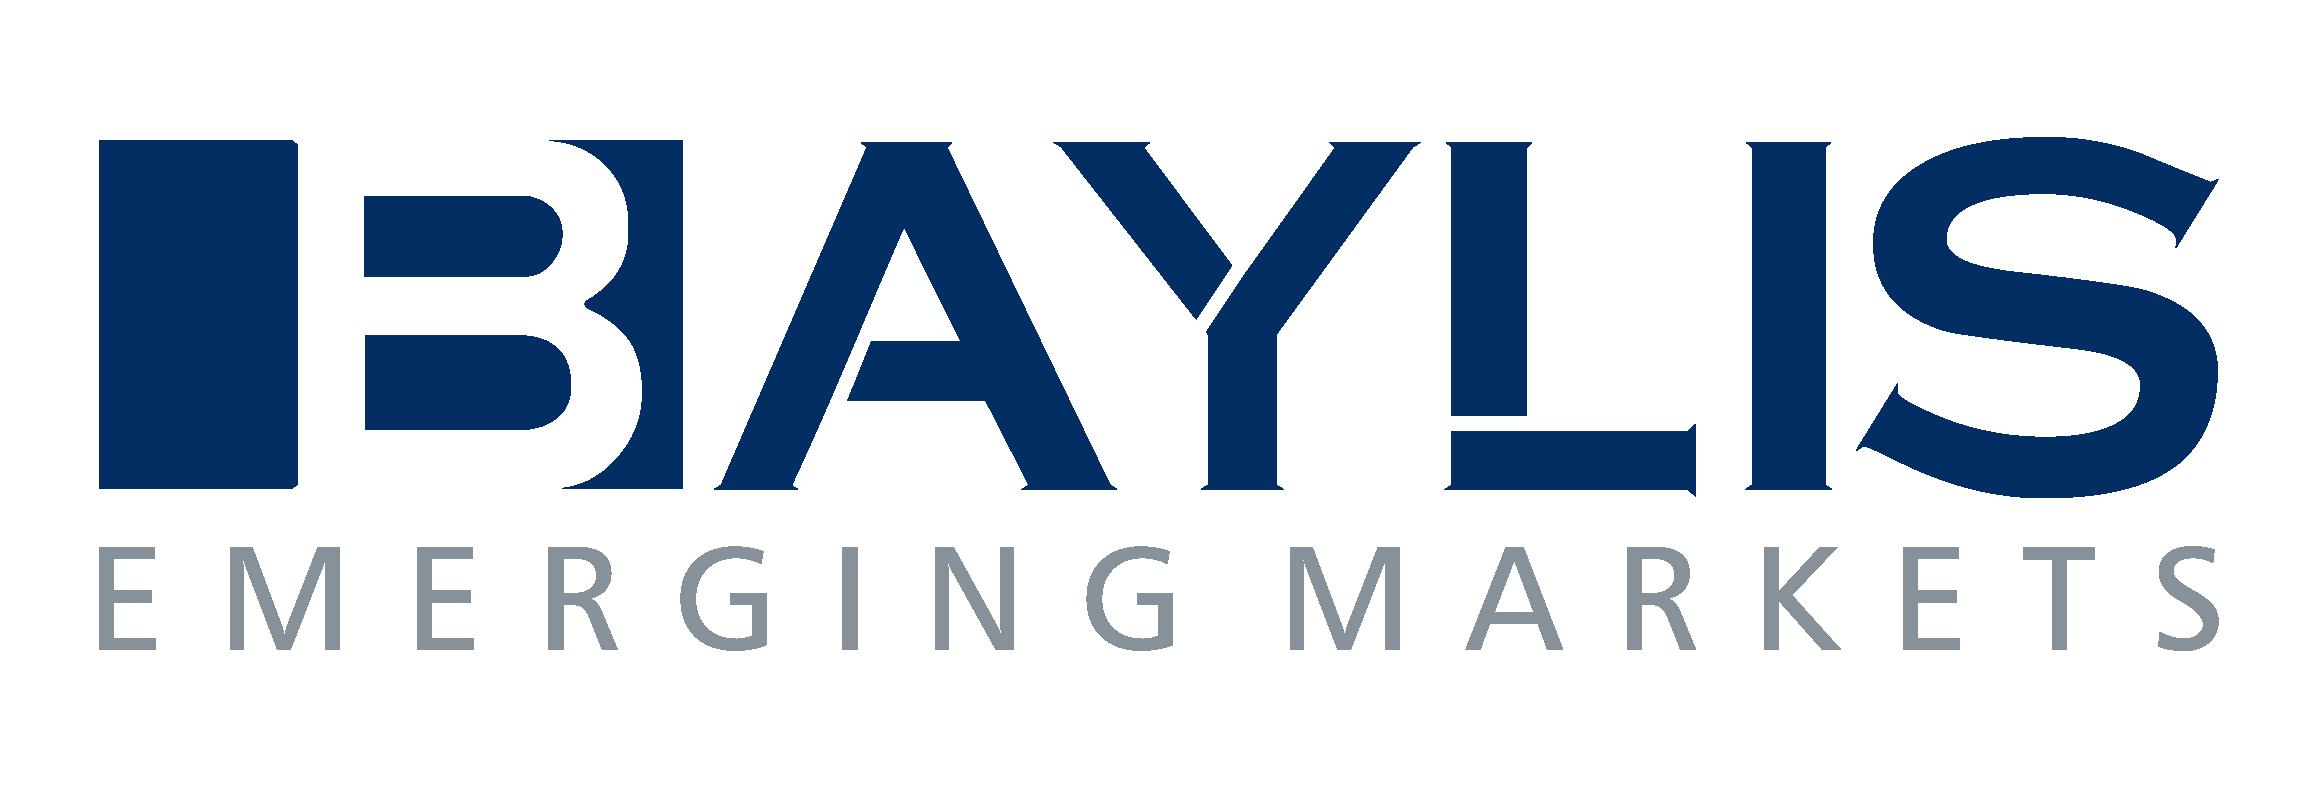 Baylis Emerging Markets